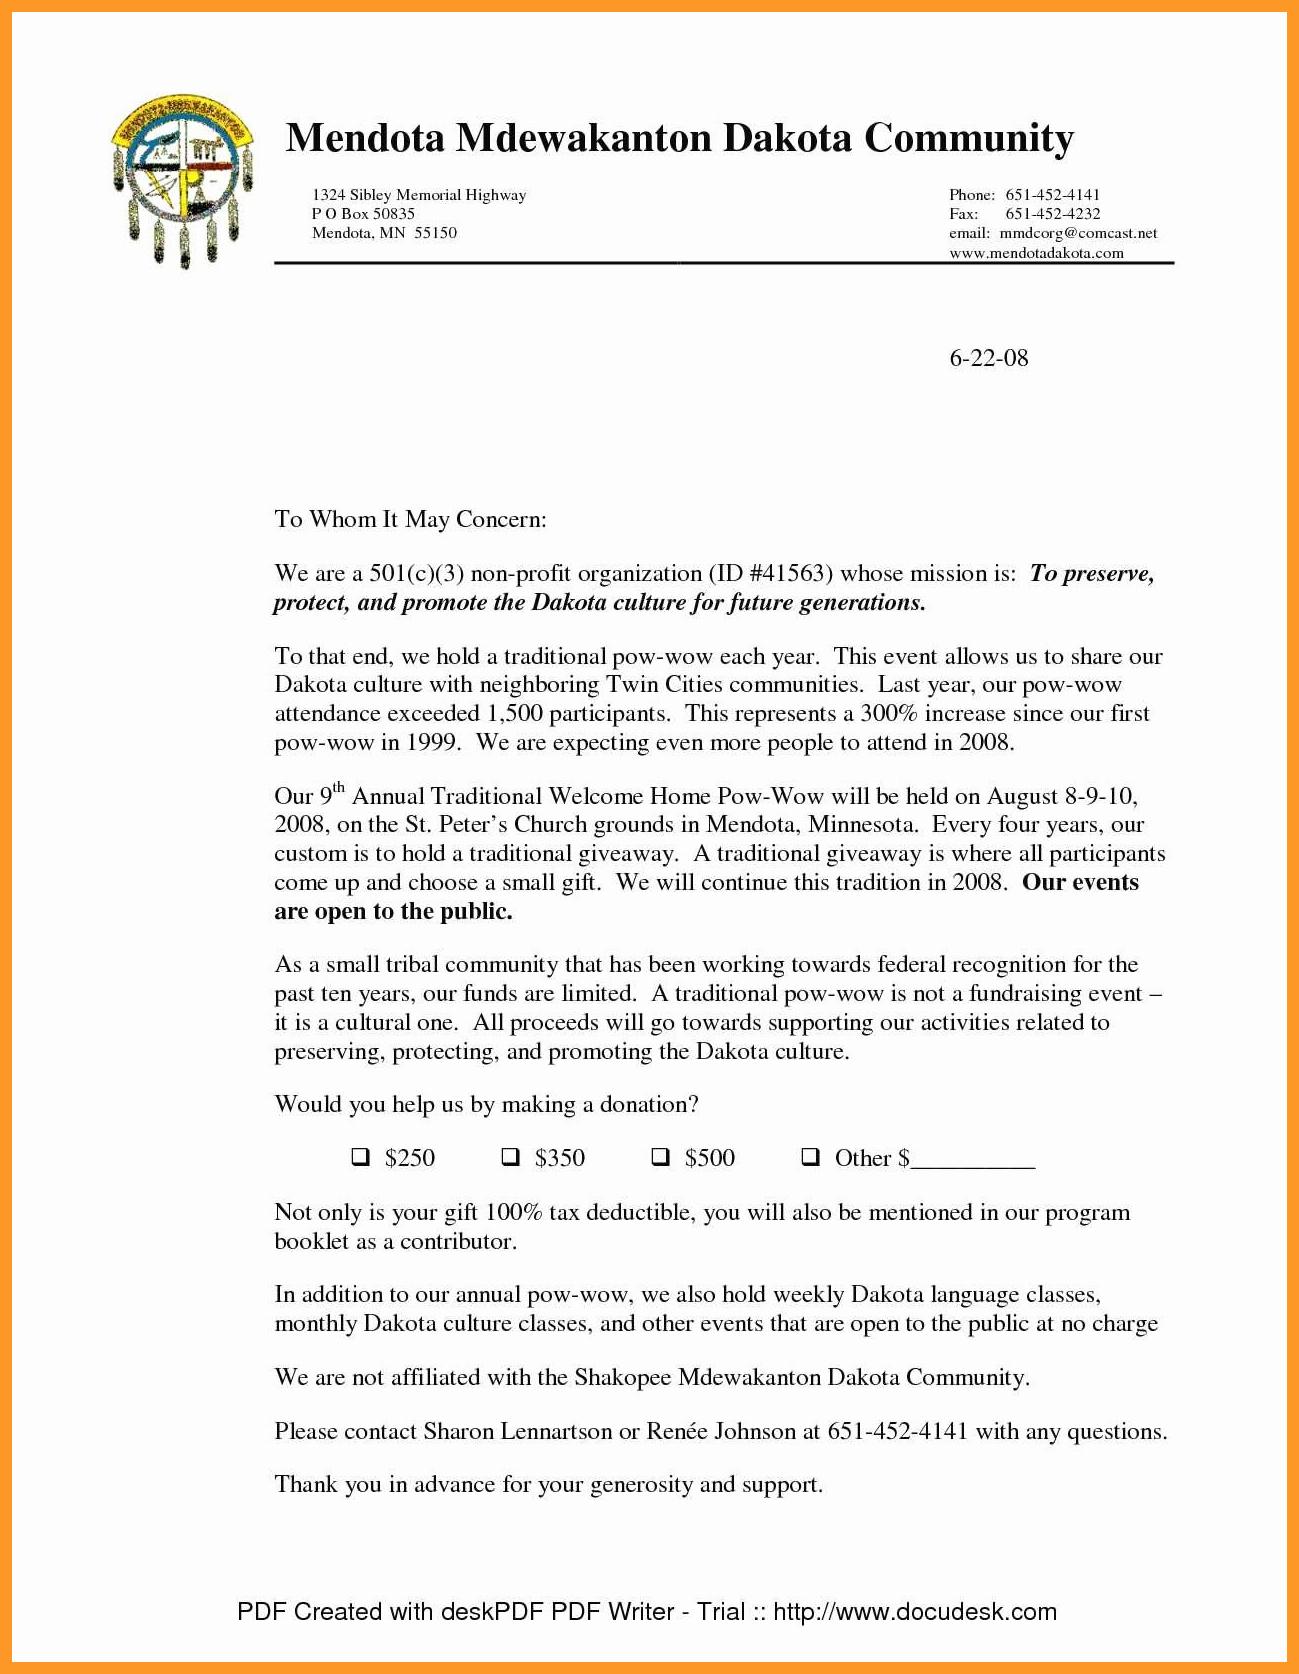 Charitable Donation Letter Template Lovely 12 13 Charitable Contribution Letter Sample